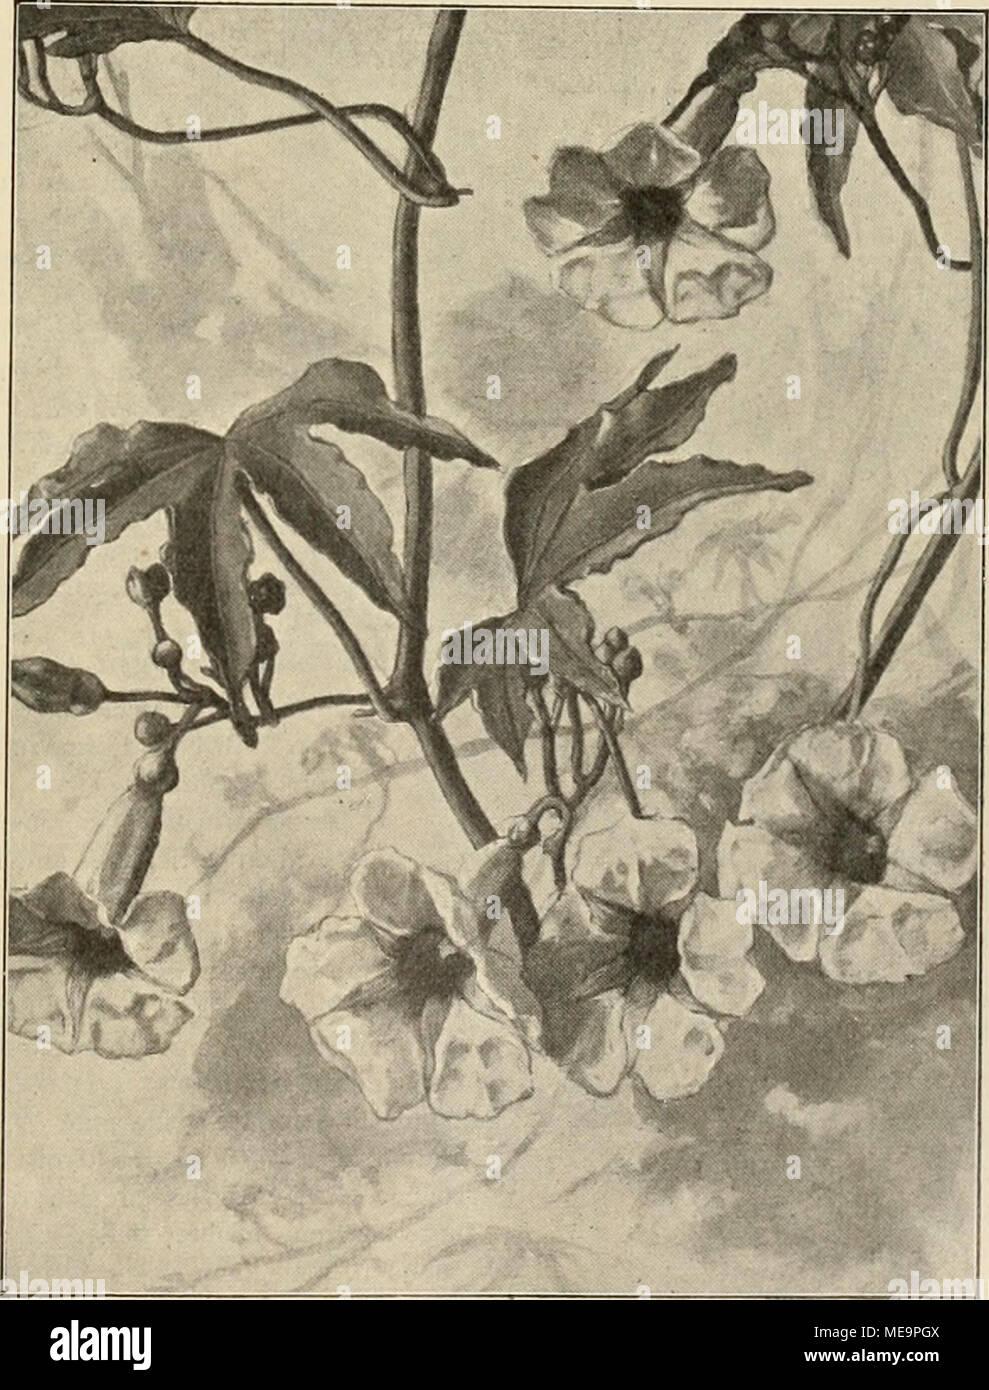 """. Die Gartenwelt . Ipomoea insignis. Originalzeichnung für dis """"Gartenwelt'. bekleiduDg, eine vielfache Verwendung finden können. Bei der /. insignis entspringen dem dicken, knolligen Wurzelstocke die alljährlich sich entwickeln- den starken, hochwinden- den, in der Jugend bräun- lich-rot, später dunkelgrün gefärbten Stengel mit band- förmig tief 5—7 lappigen Blättern und achselstän- digen Blütenstielen, deren jeder mehrere, gewöhnlich 3—5, grofse, rosarote, im Schlünde purpurgefärbte Blumen trägt. Letztere er- scheinen so reichlich, dafs an gut kultivierten Pflanzen in der Hauptblütezeit, die Stock Photo"""